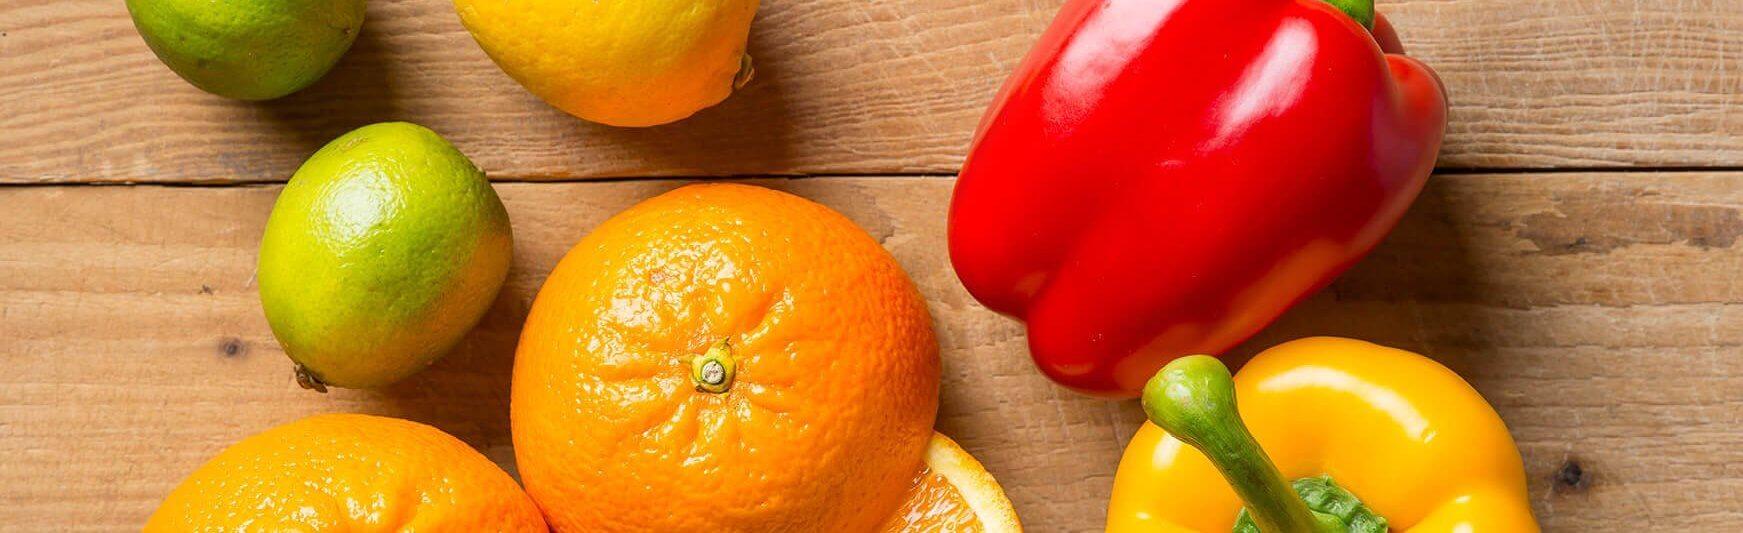 Limoenen, paprika's en sinaasappels